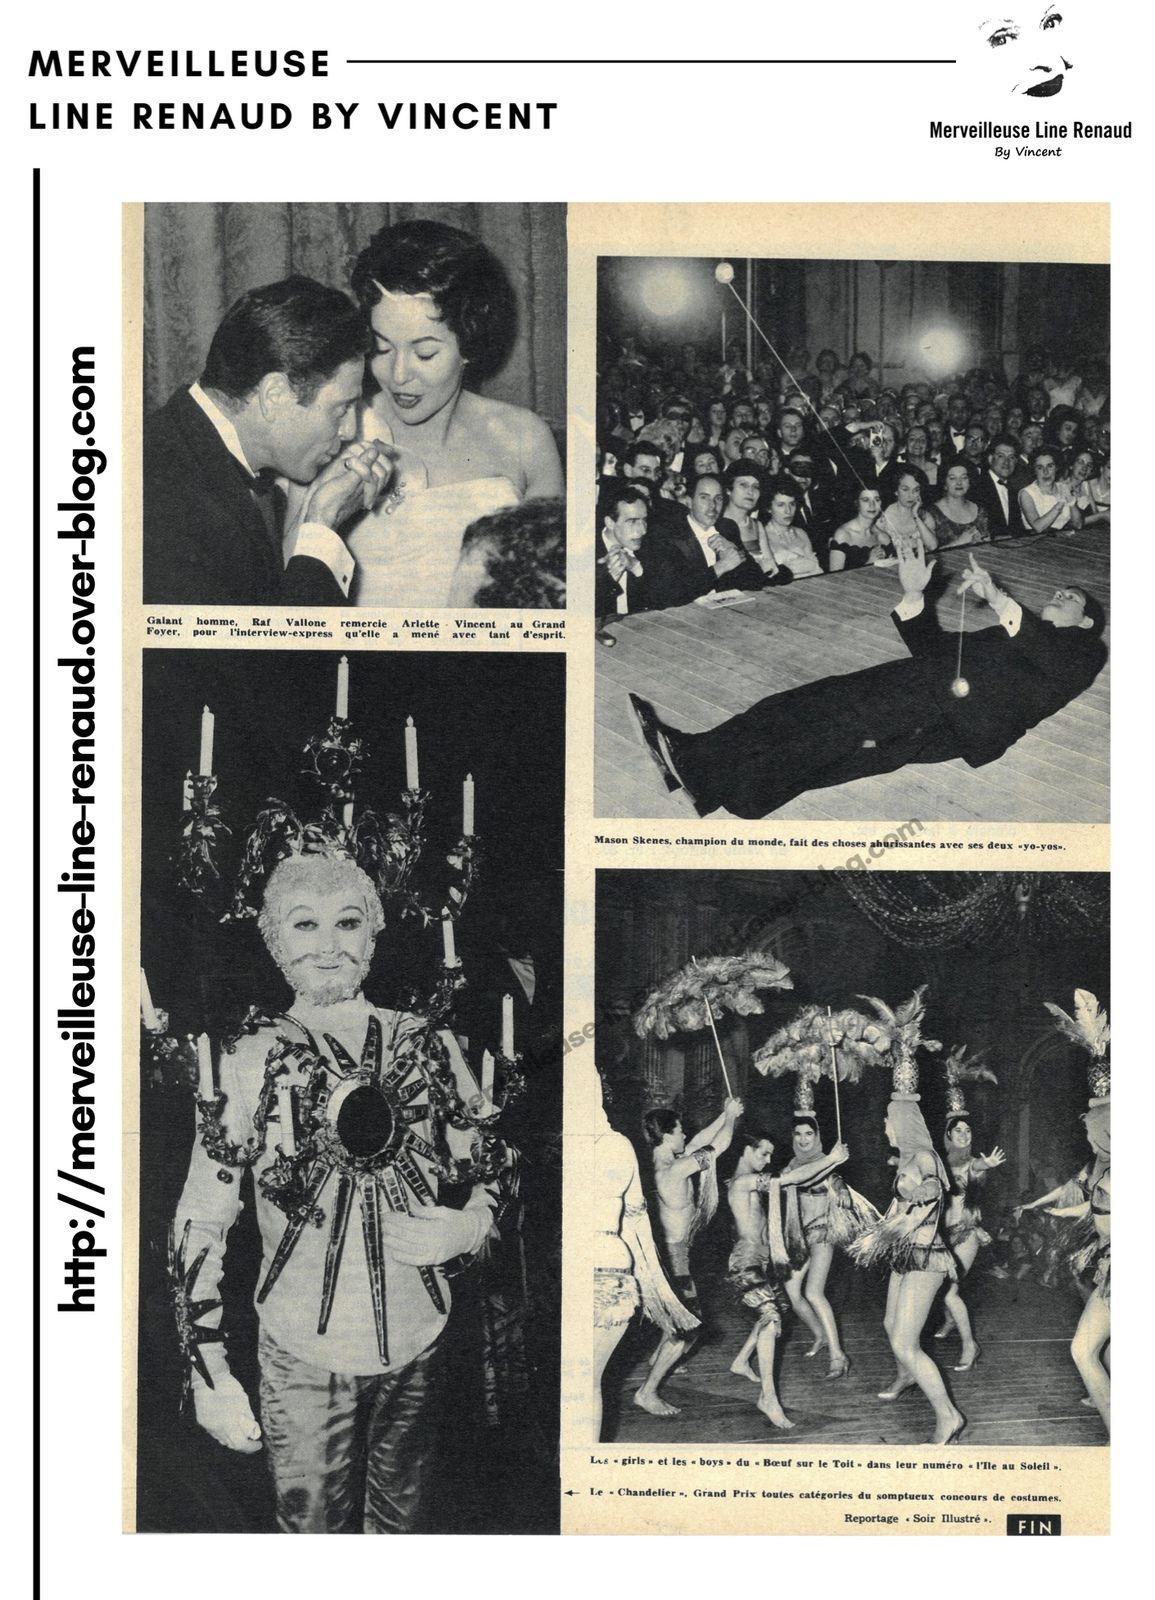 PRESSE: Le Soir illustré - n°1390 - 12 février 1959